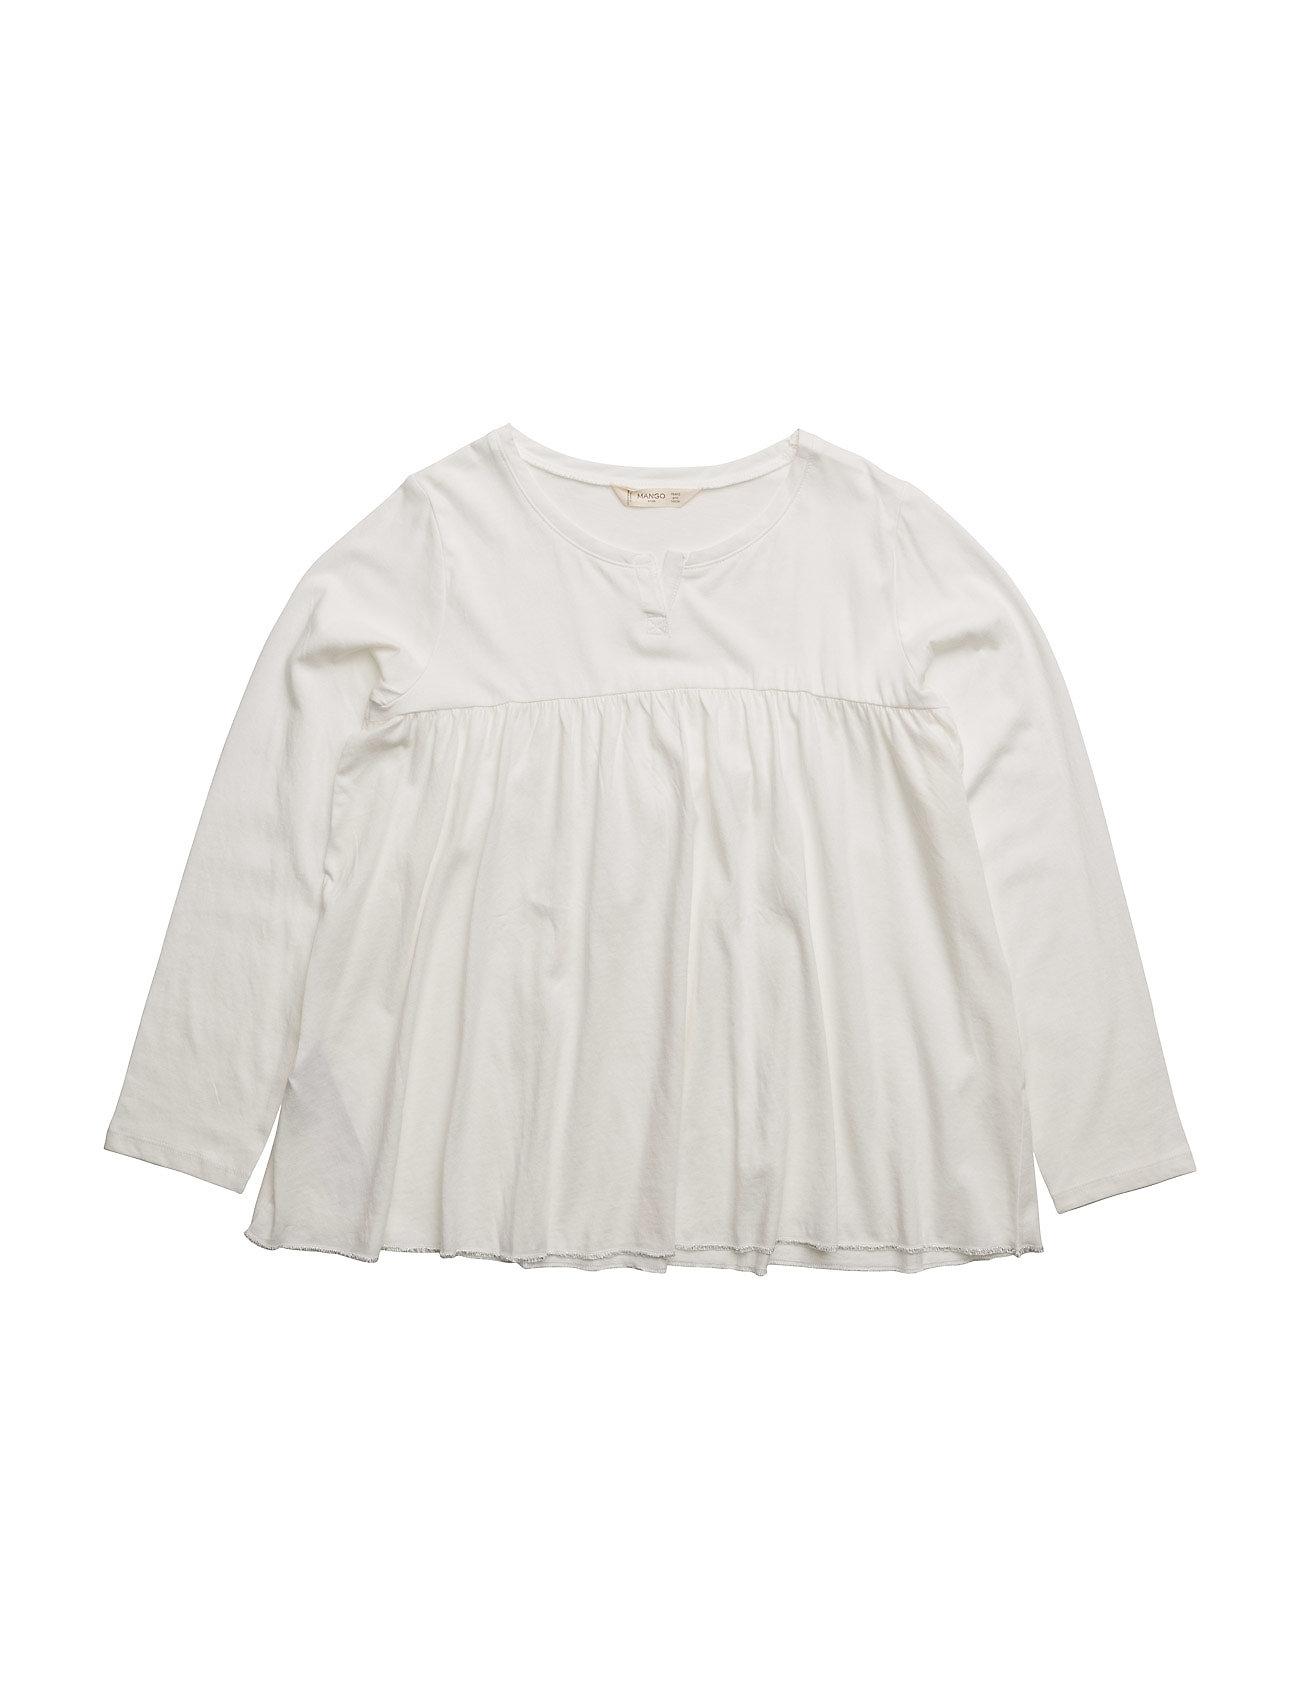 Ruched Detail T-Shirt Mango Kids Langærmede t-shirts til Børn i Natural White